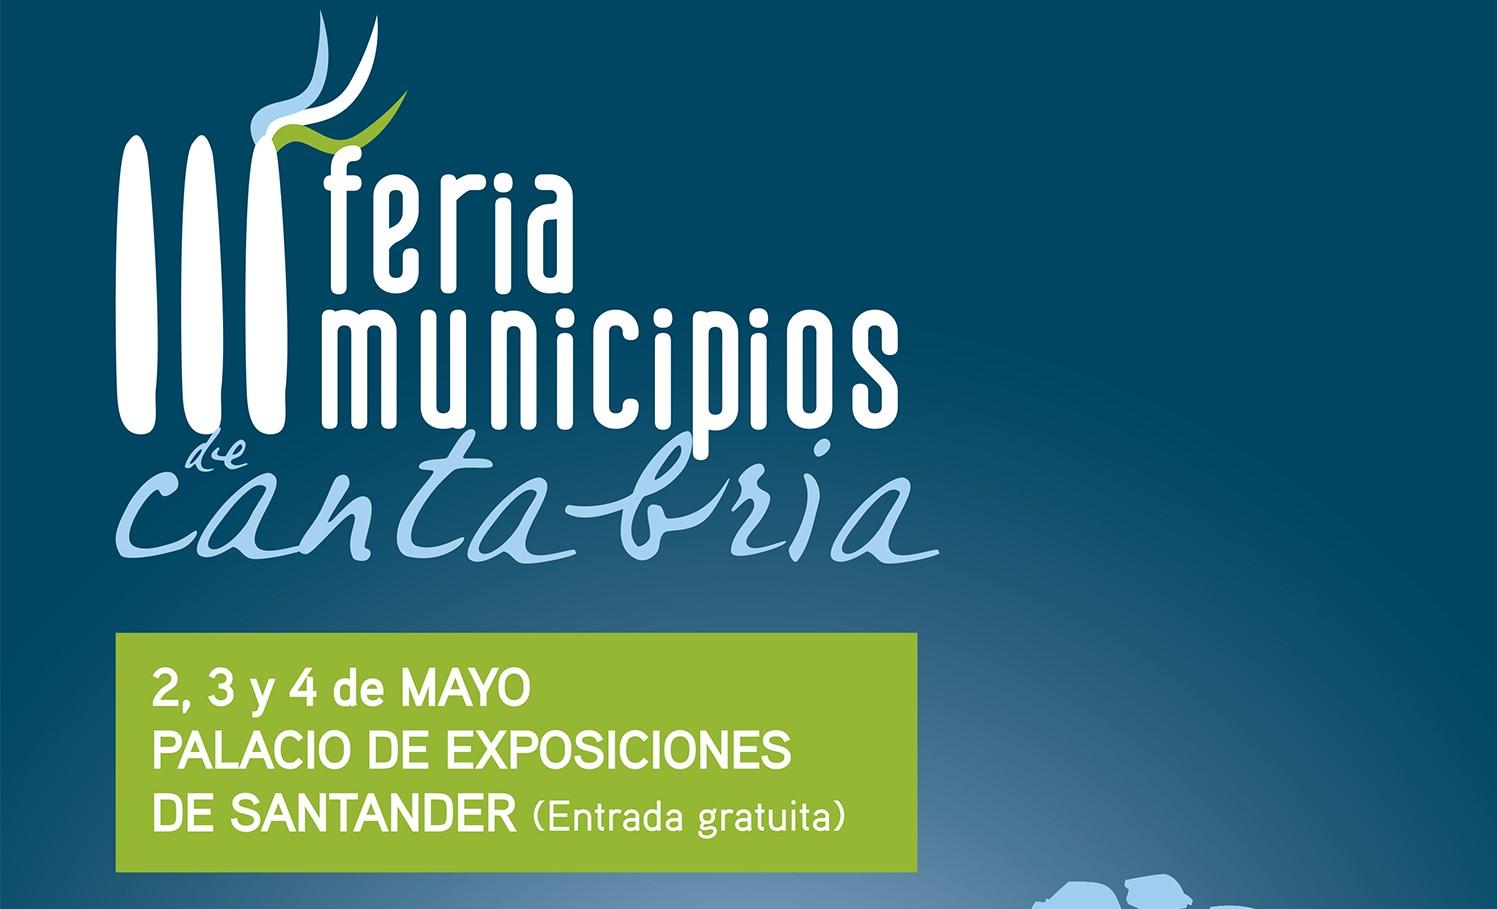 UNEATLANTICO participa este fin de semana en la III Feria de Municipios de Cantabria